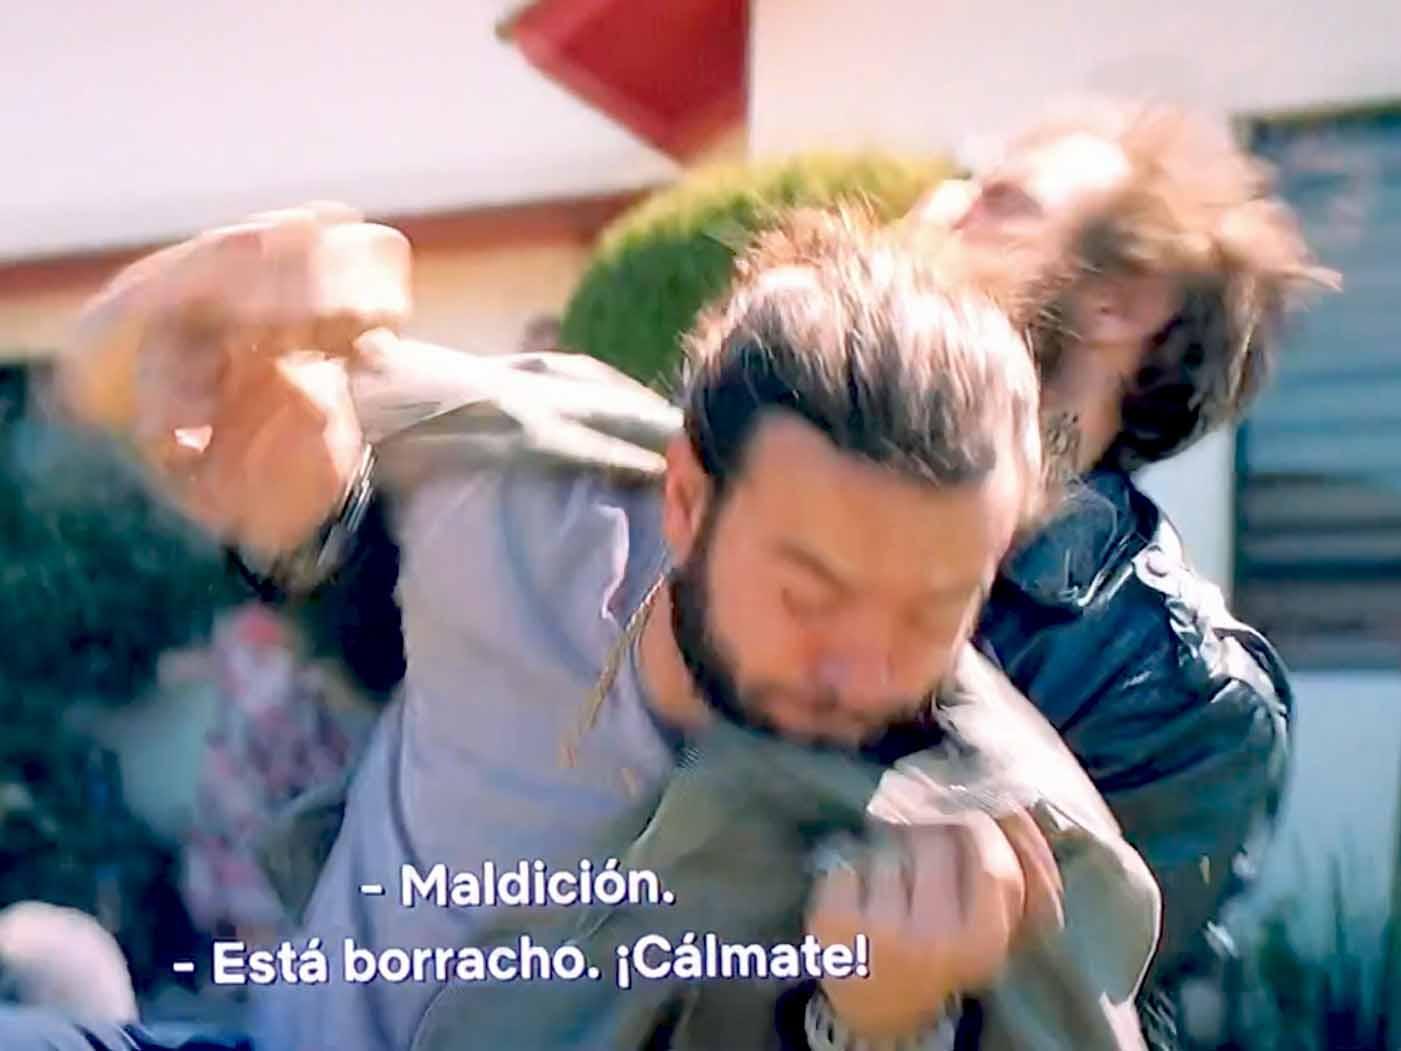 El personaje de Pablo Lyle golpea a un hombre mientras otro intenta detenerlo